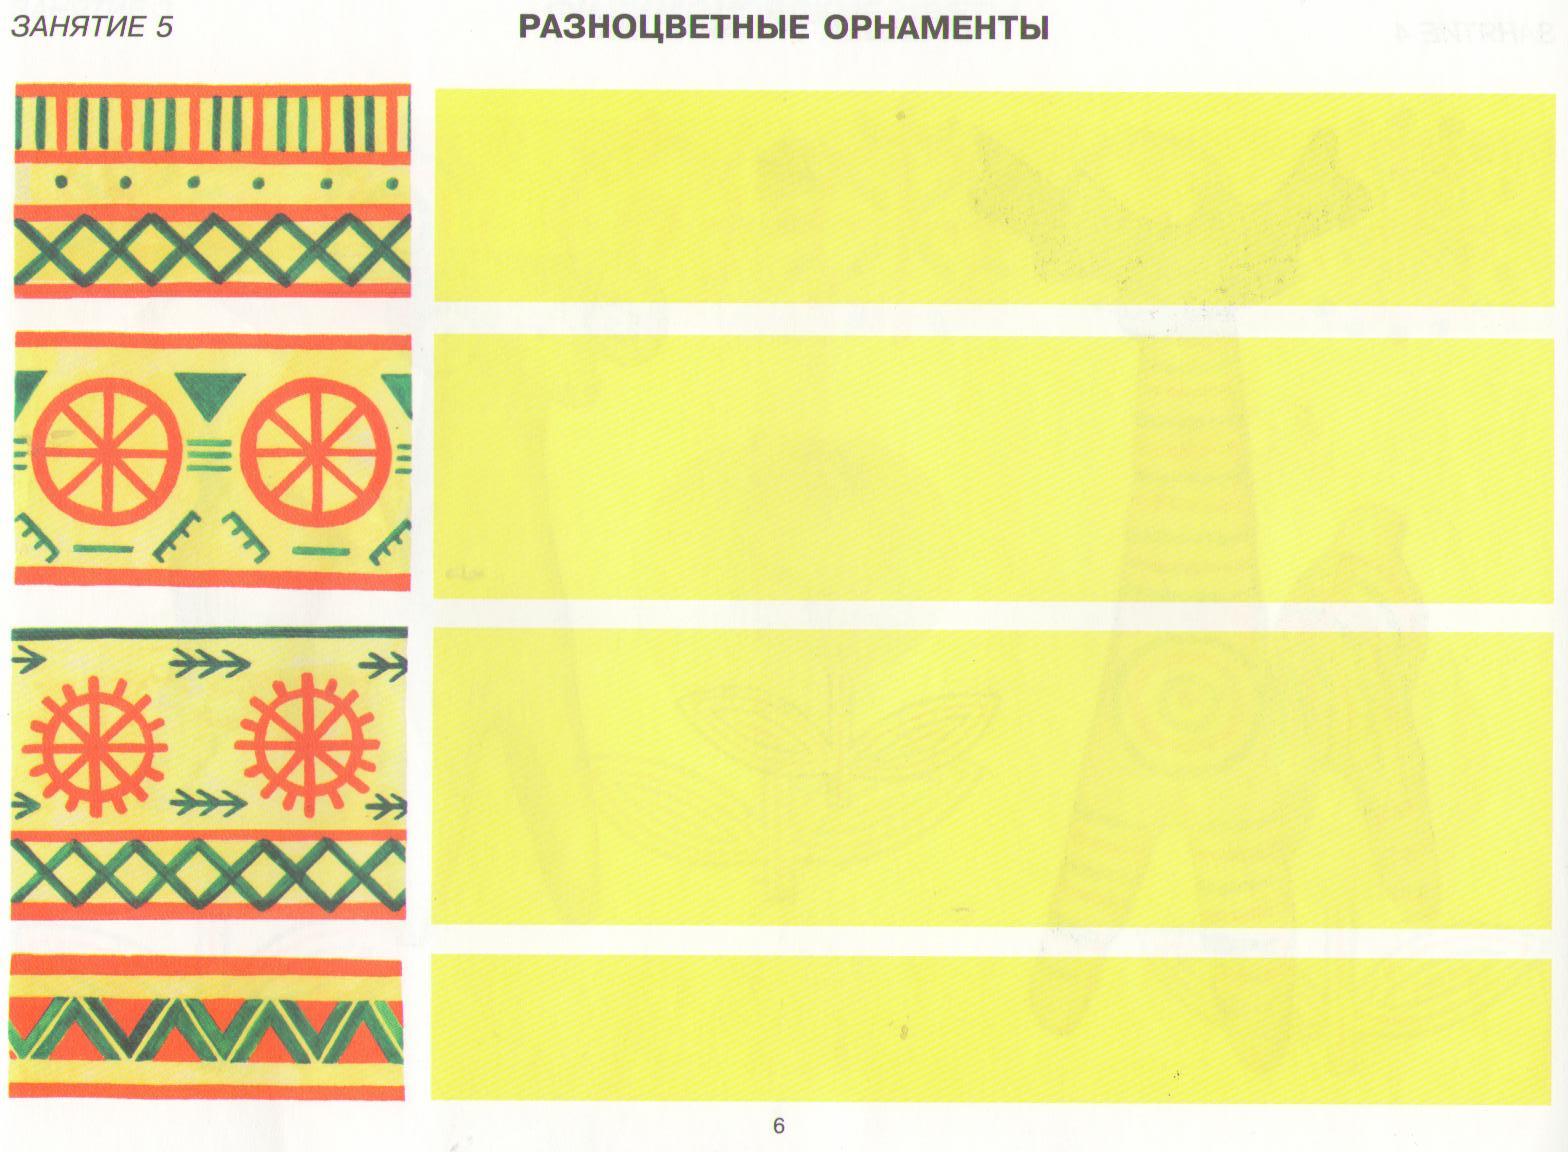 D:\ДАННЫЕ\лена\Поделки из глины и солёного теста\Разноцветье орнаментов.jpg